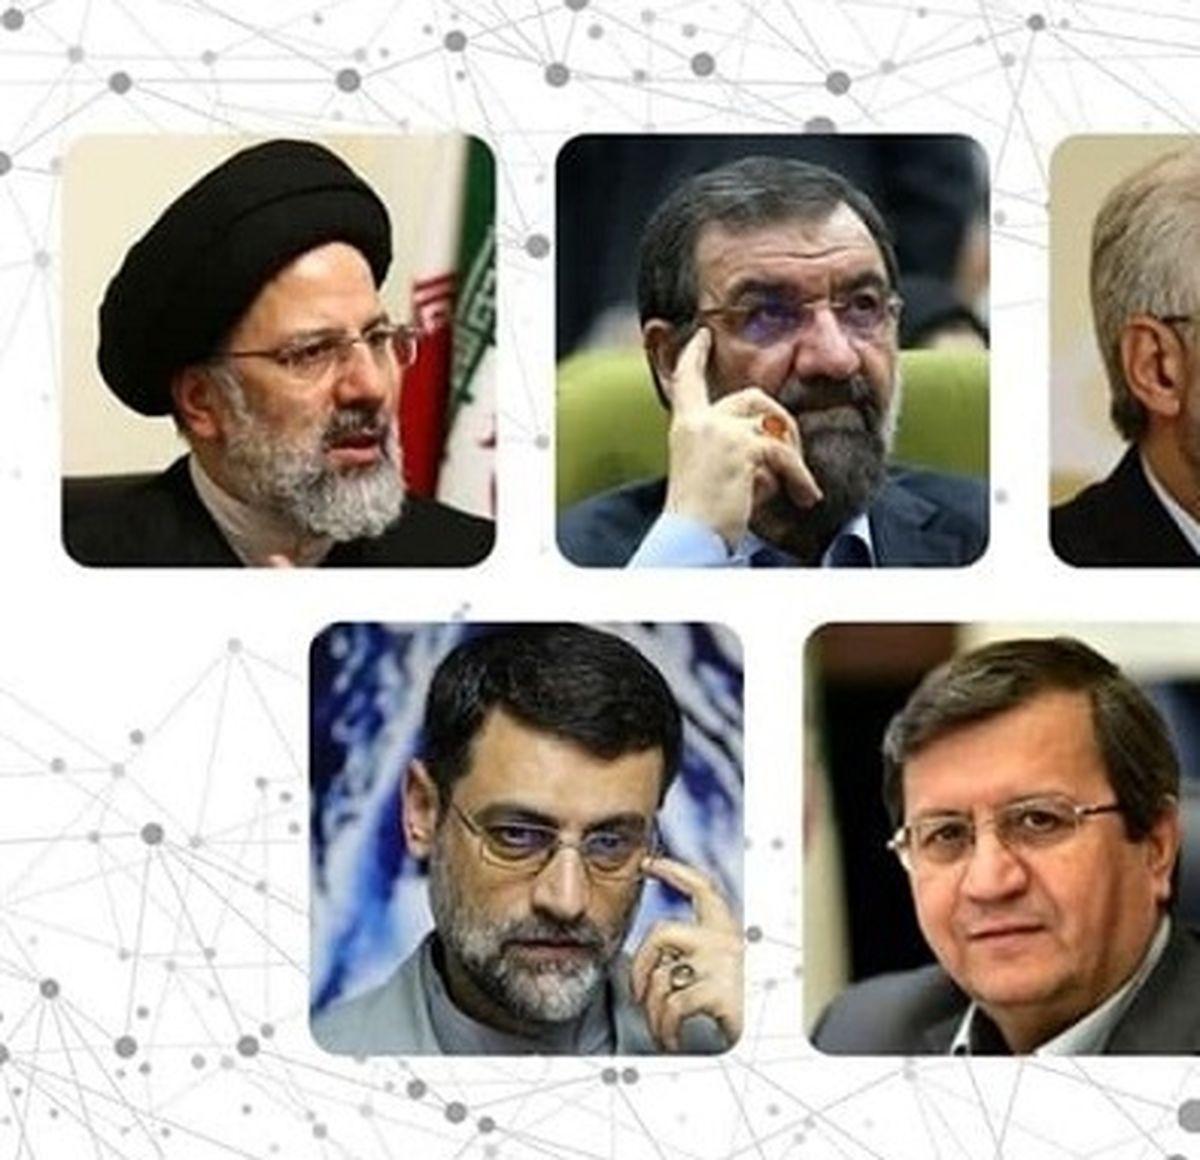 حاشیههای سومین مناظره انتخاباتی نامزدها